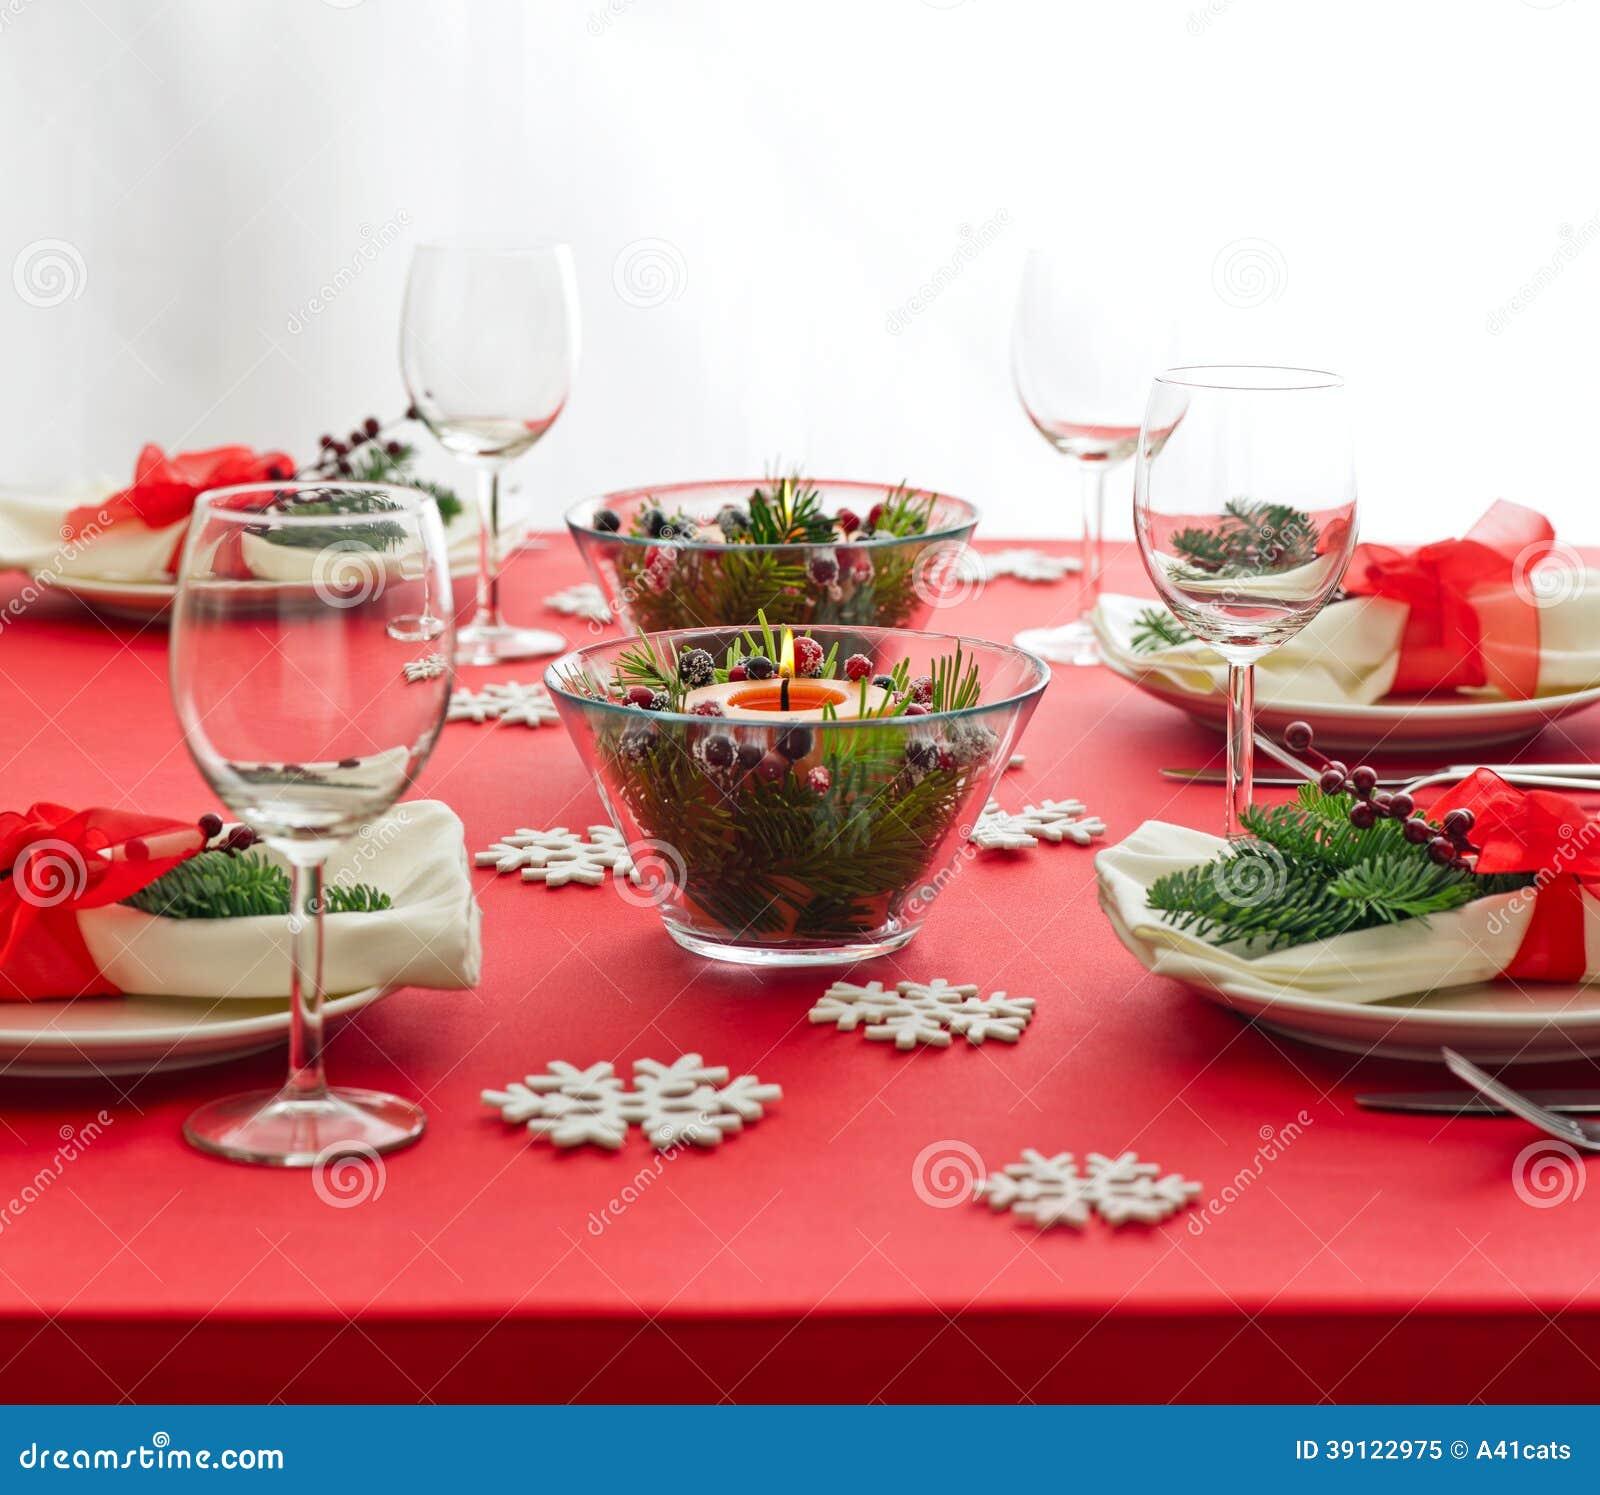 Red Christmas Dinner Table Setup Stock Photo Image 39122975